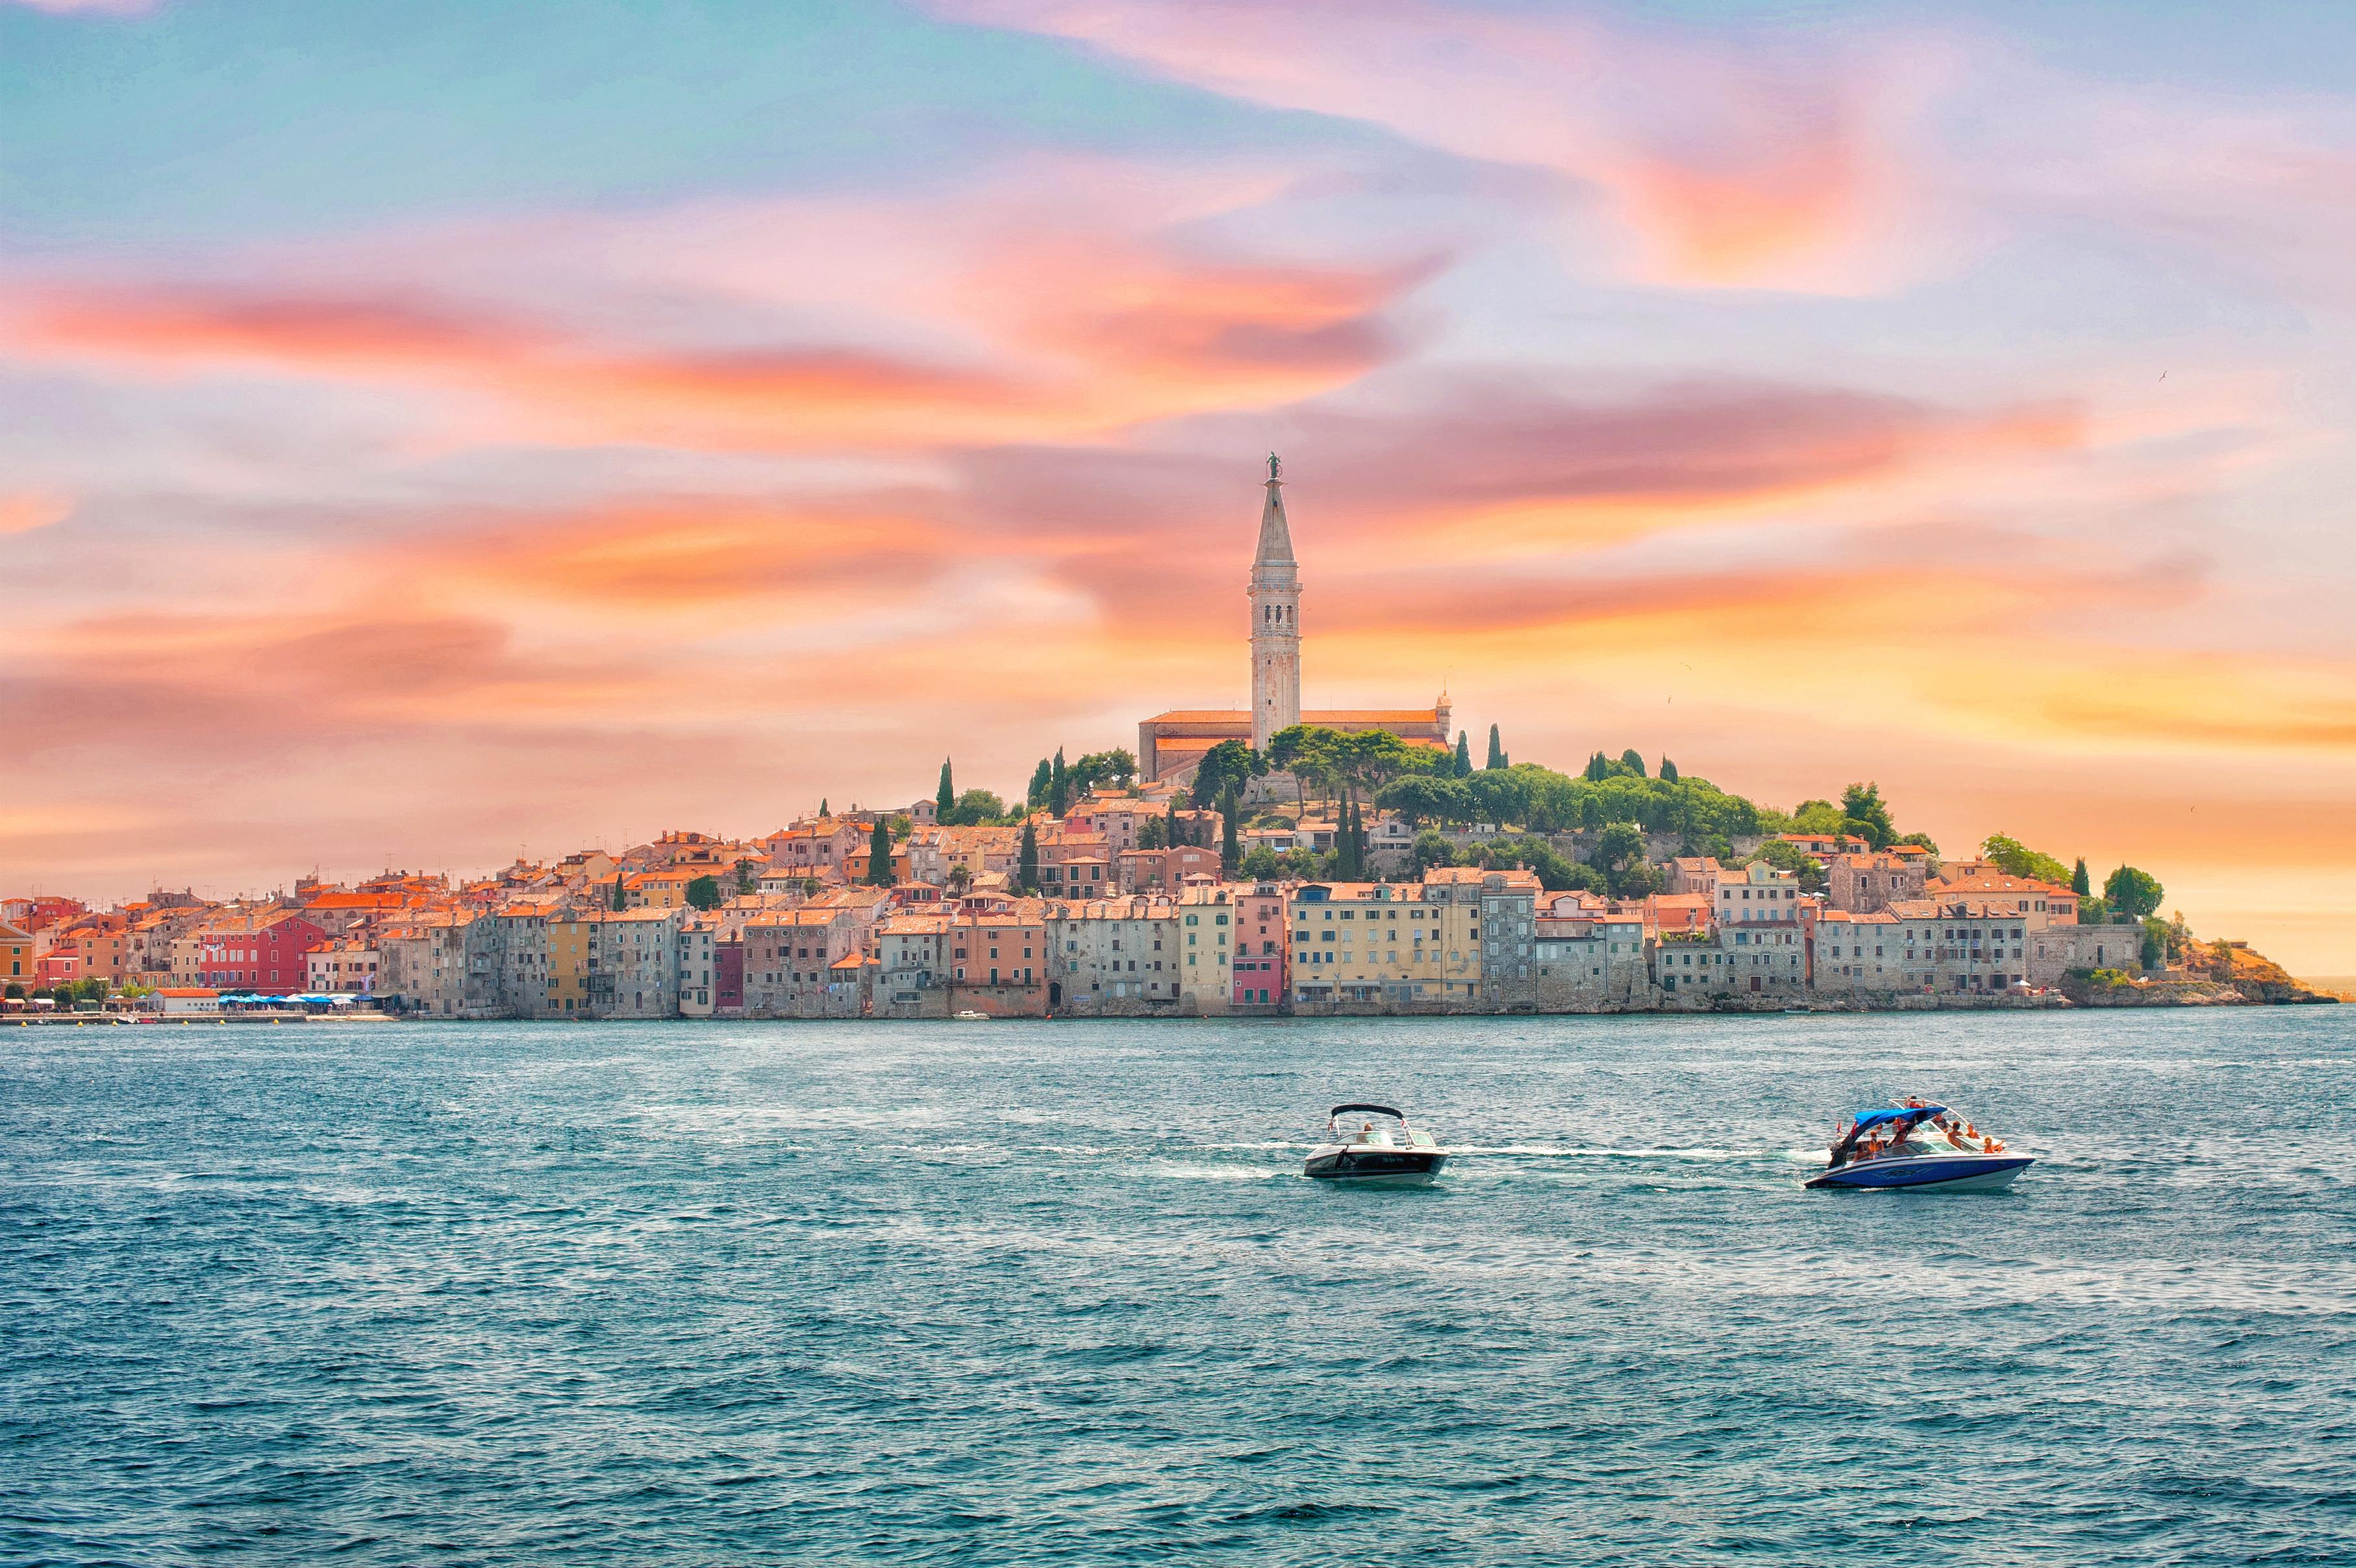 honeymoon in Croatia, honeymoon ideas, top honeymoon destinations, Croatia honeymoon review, Bliss Honeymoon review, destination honeymoon ideas